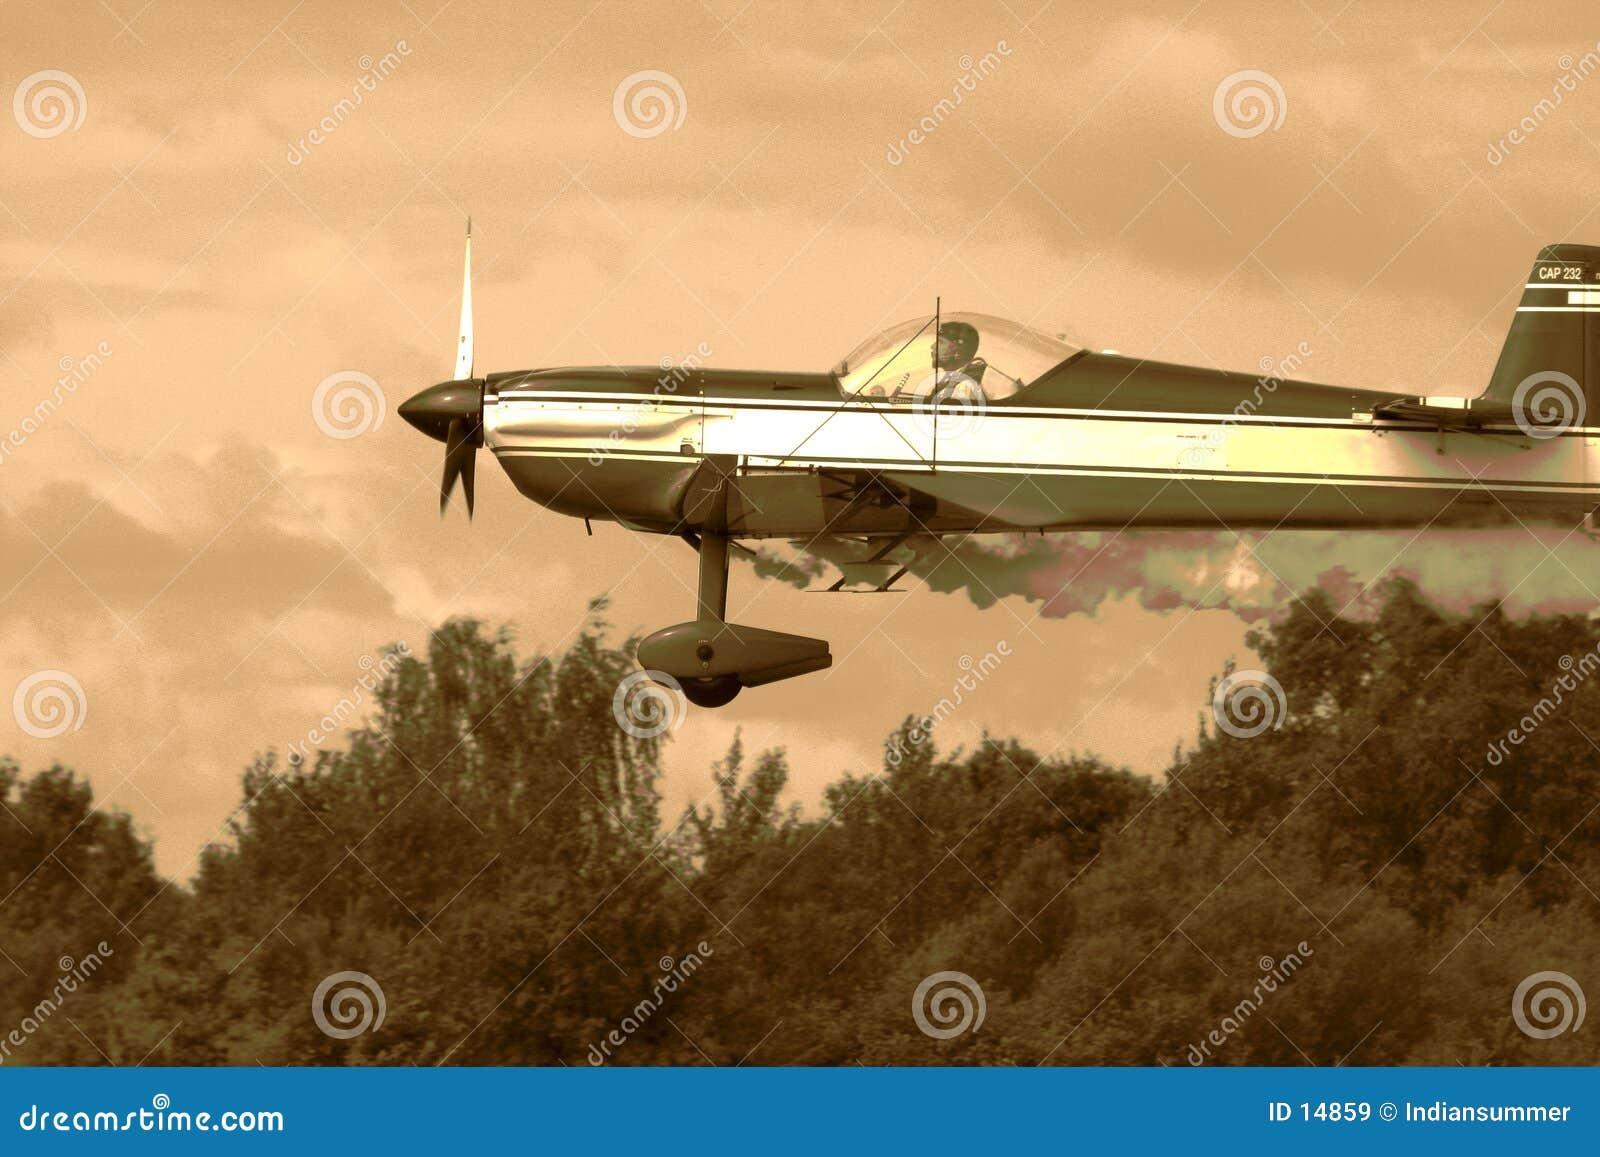 The plane II